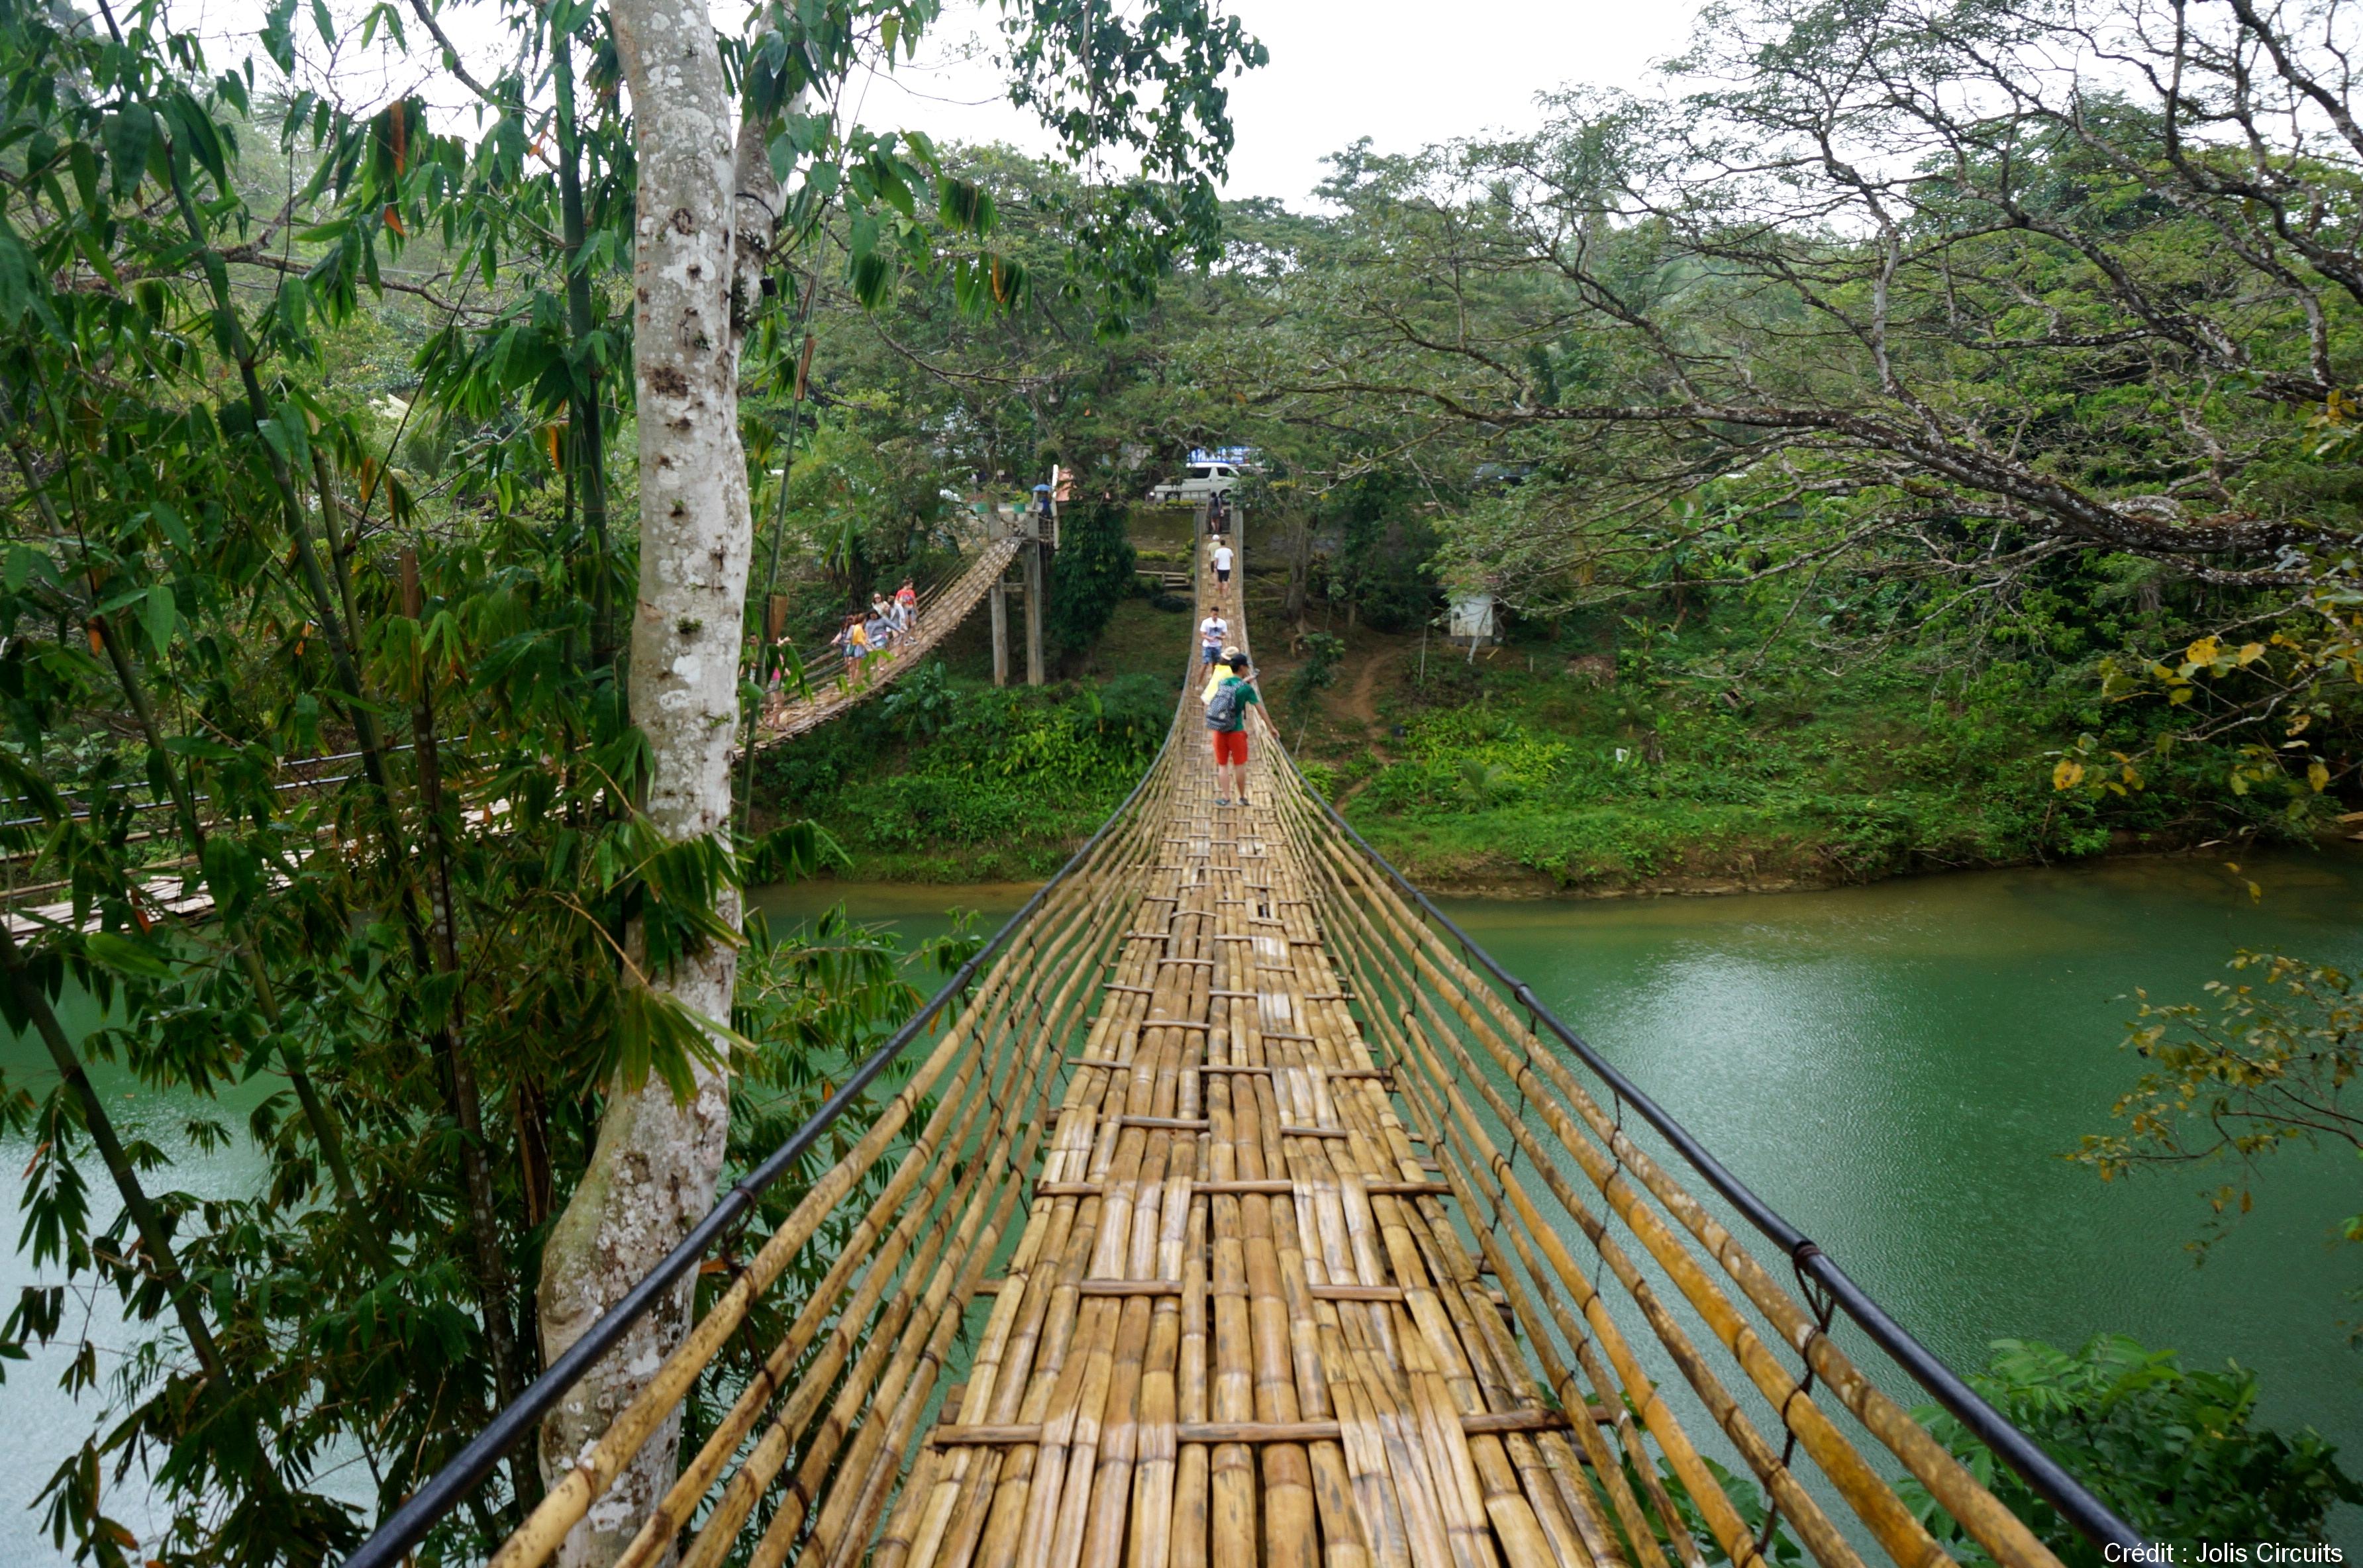 pont suspendu loboc river philippines bohol